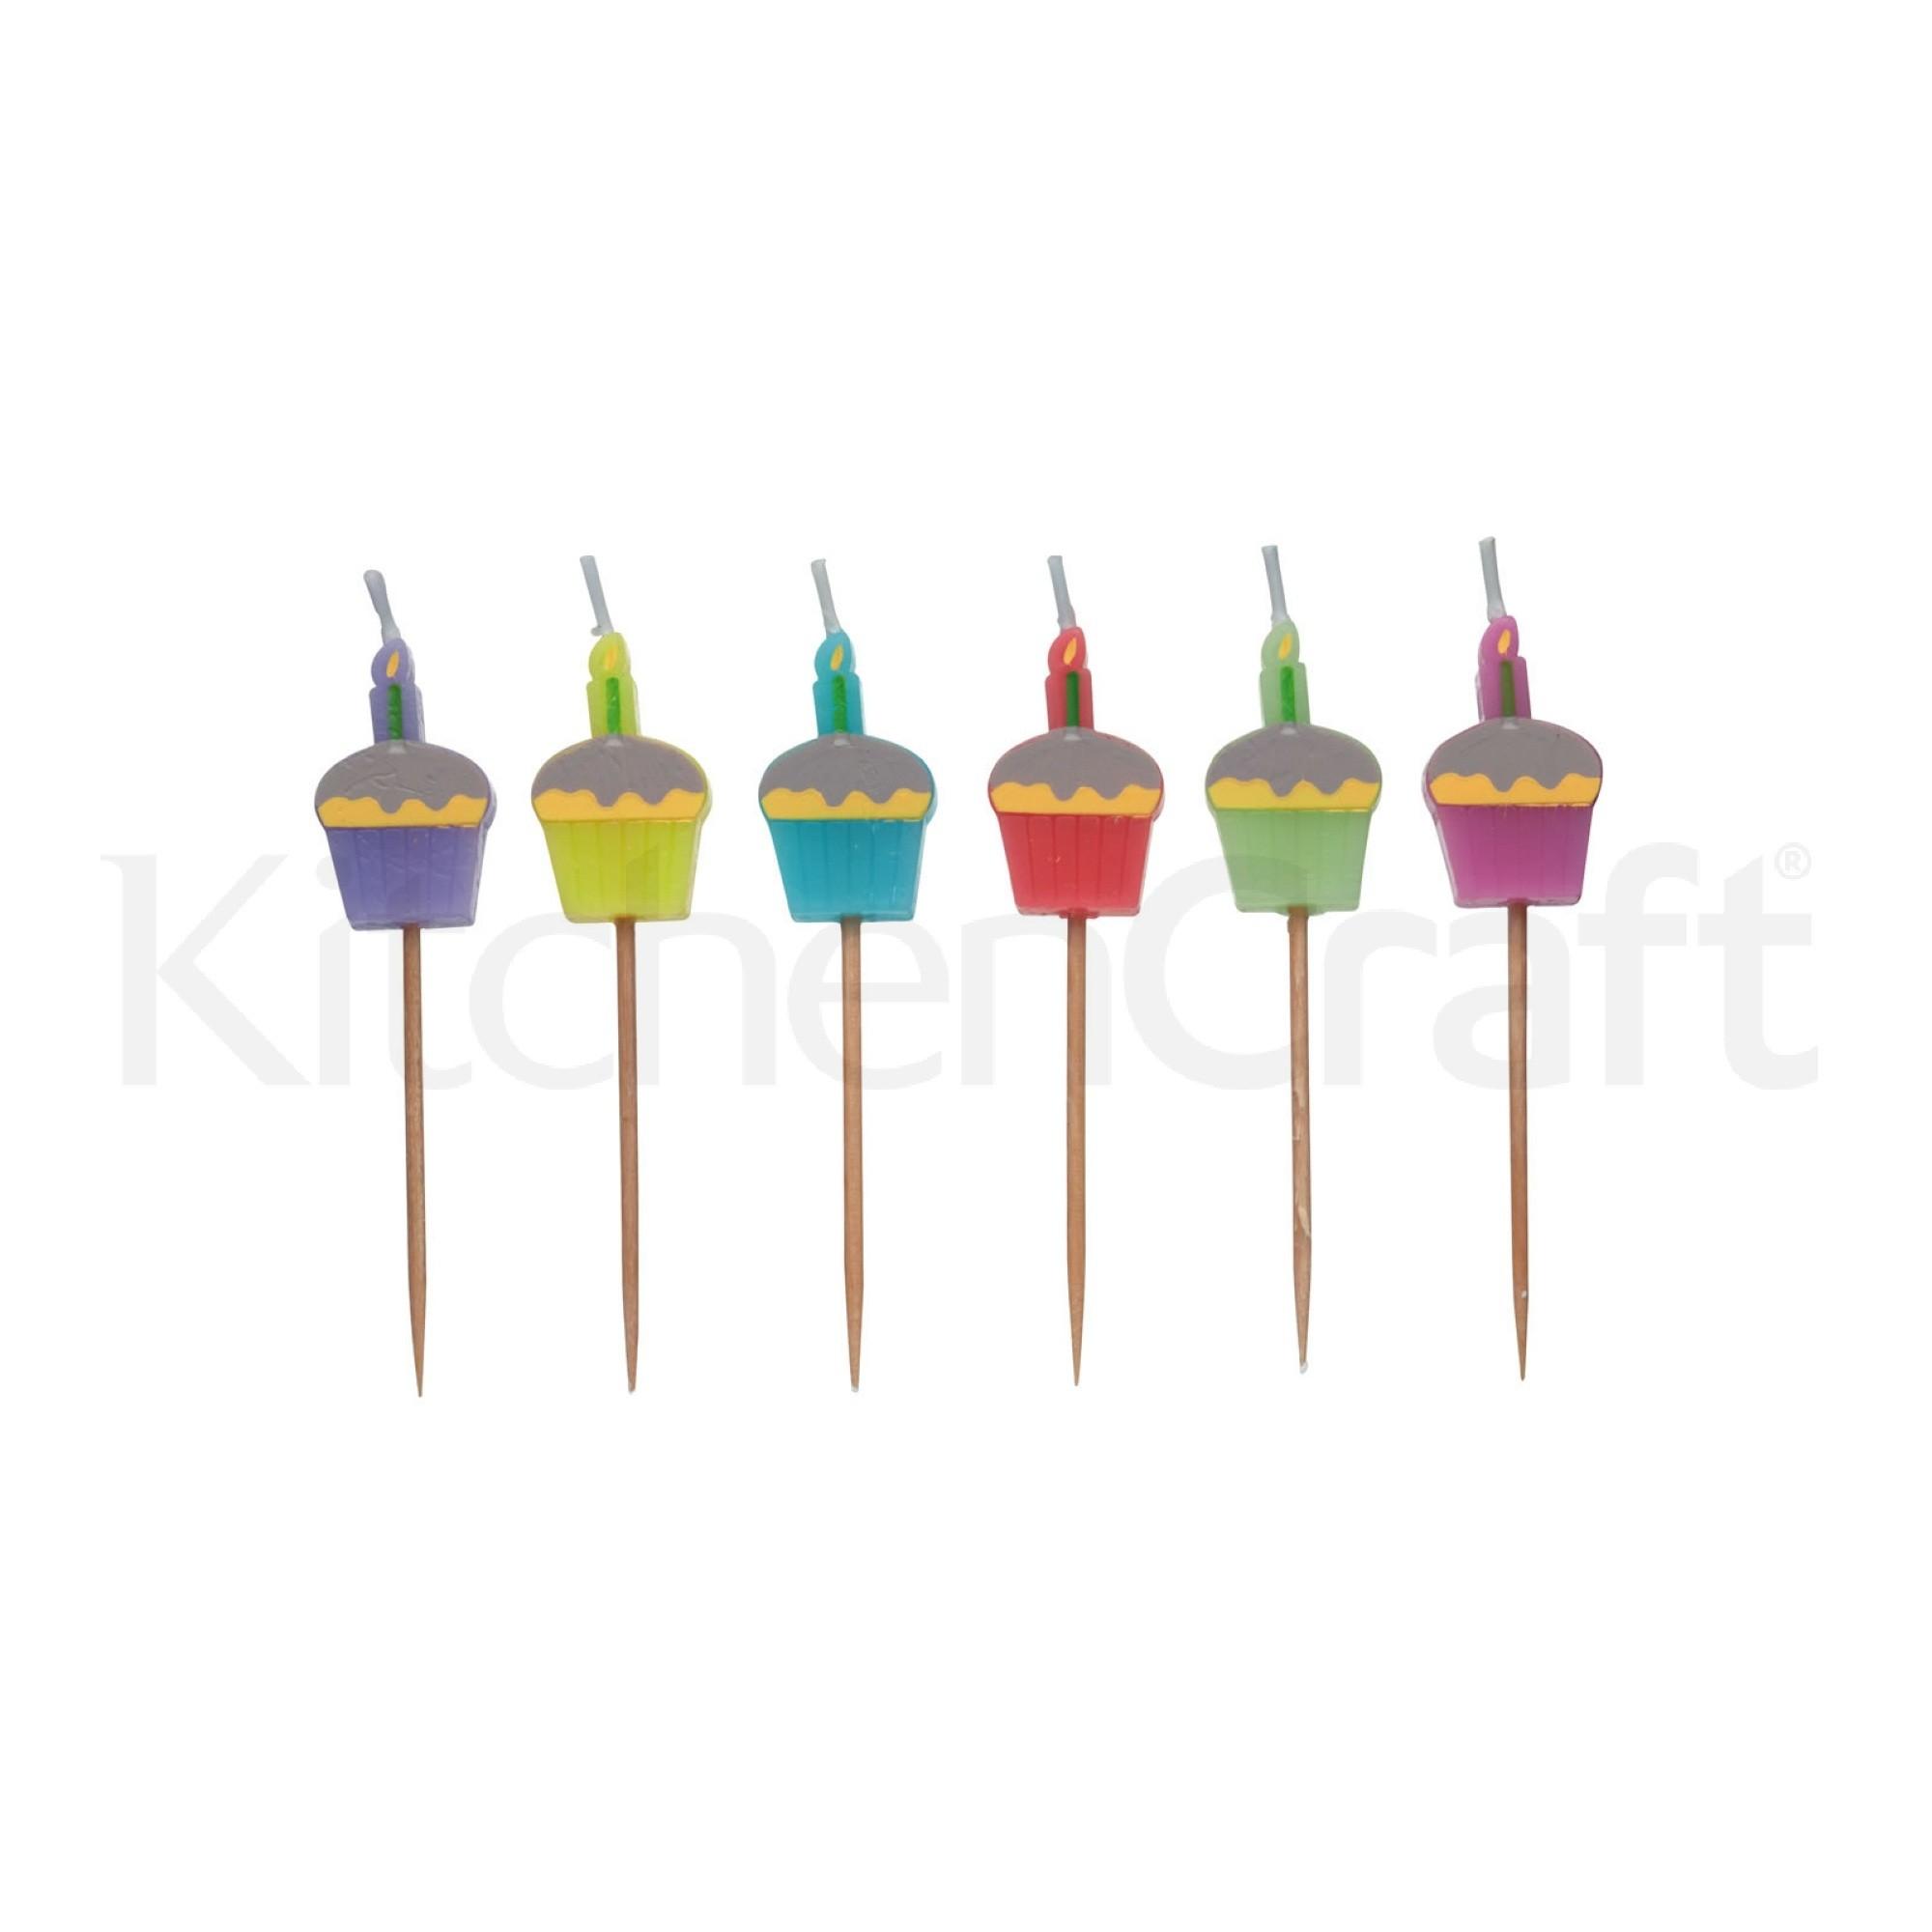 """Κεράκια """"Cupcake"""" Σετ 6τεμ Sweetly Does it home   ζαχαροπλαστικη   εργαλεία ζαχαροπλαστικής"""